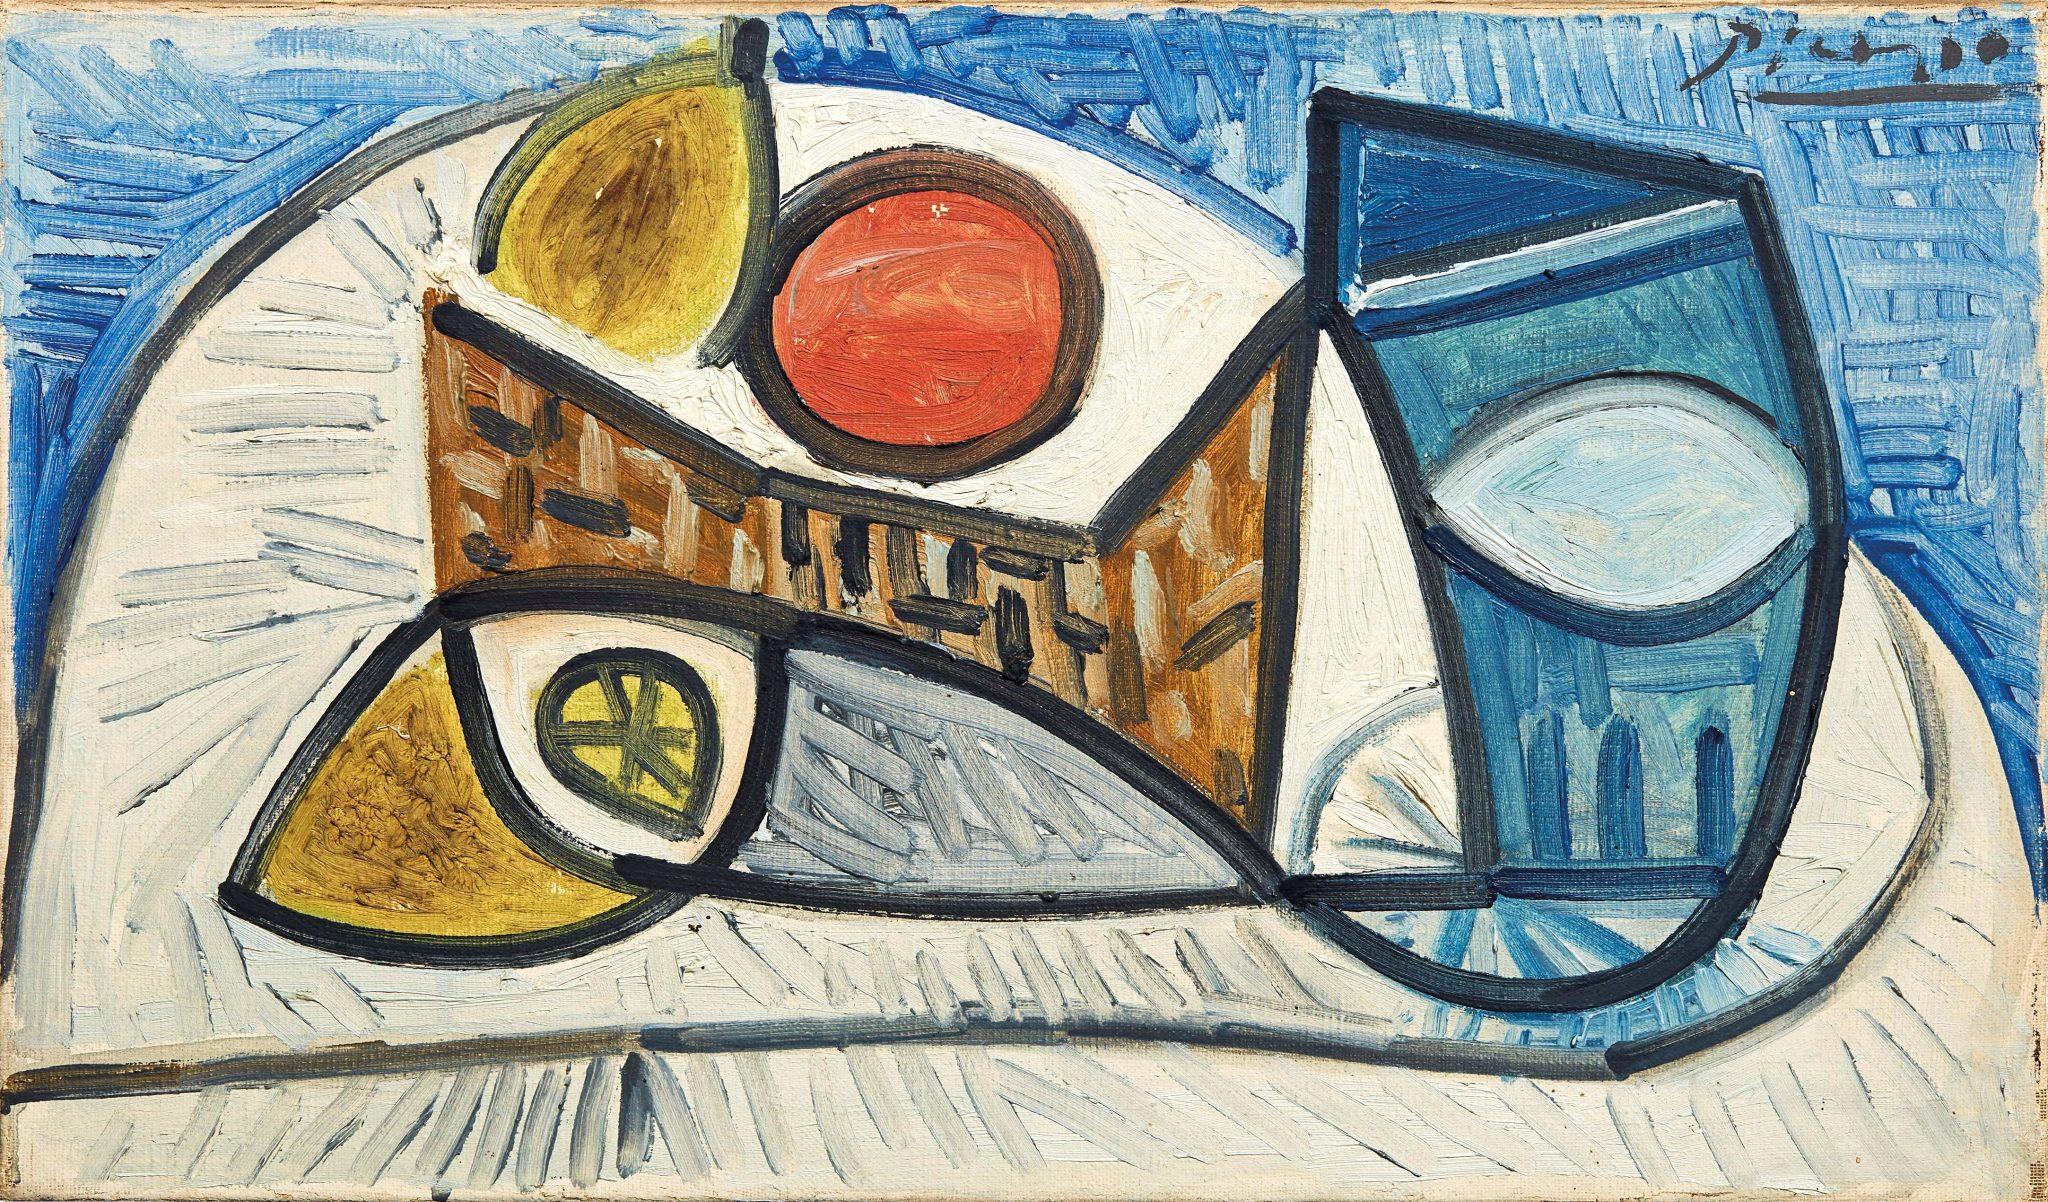 """Pablo Picasso (Malaga 1881 - Mougins 1973) NATURE MORTE AU CITRON, À L'ORANGE ET AU VERRE 1944 firmato in alto a destra olio su tela cm 24x40,7 retro: datato """"24.1.44"""""""